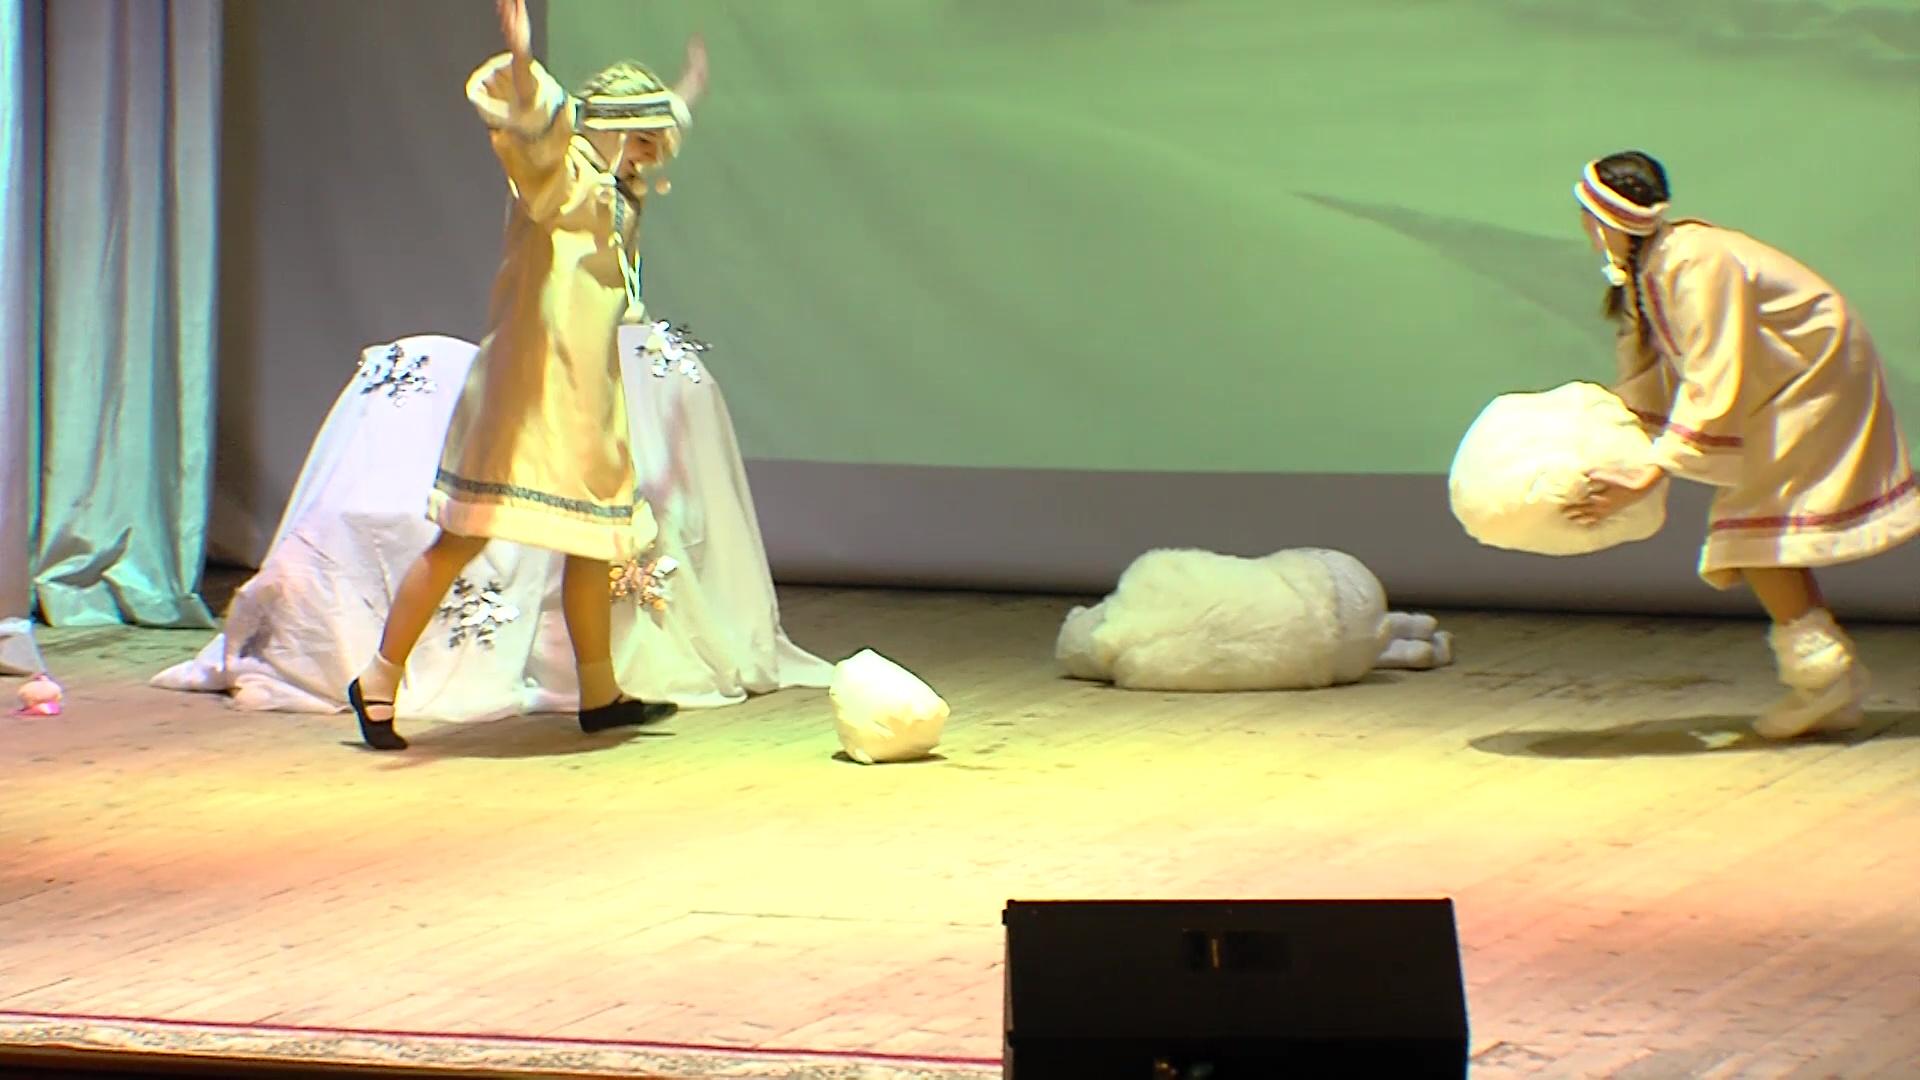 В Ярославле стартовала благотворительная акция «Новогодняя сказка в подарок»